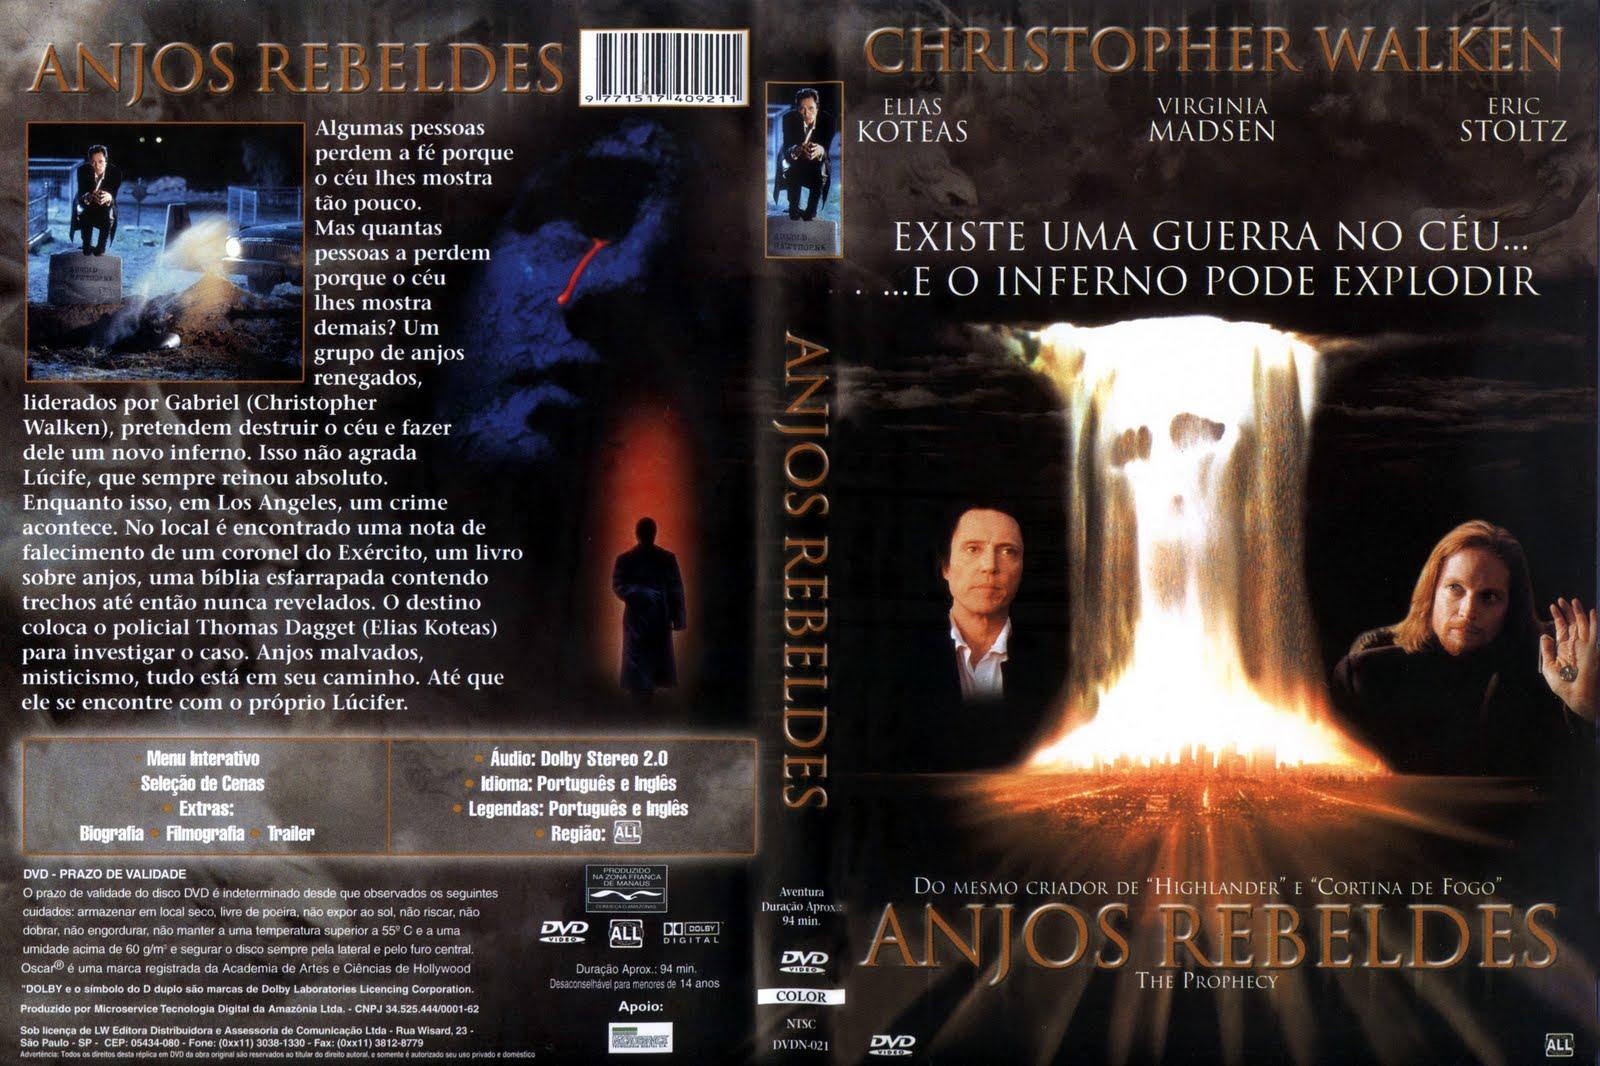 http://1.bp.blogspot.com/_56N_enXK-4o/TRnGFpDXDEI/AAAAAAAAAZc/PU4krsdZP98/s1600/Anjos-Rebeldes.jpg